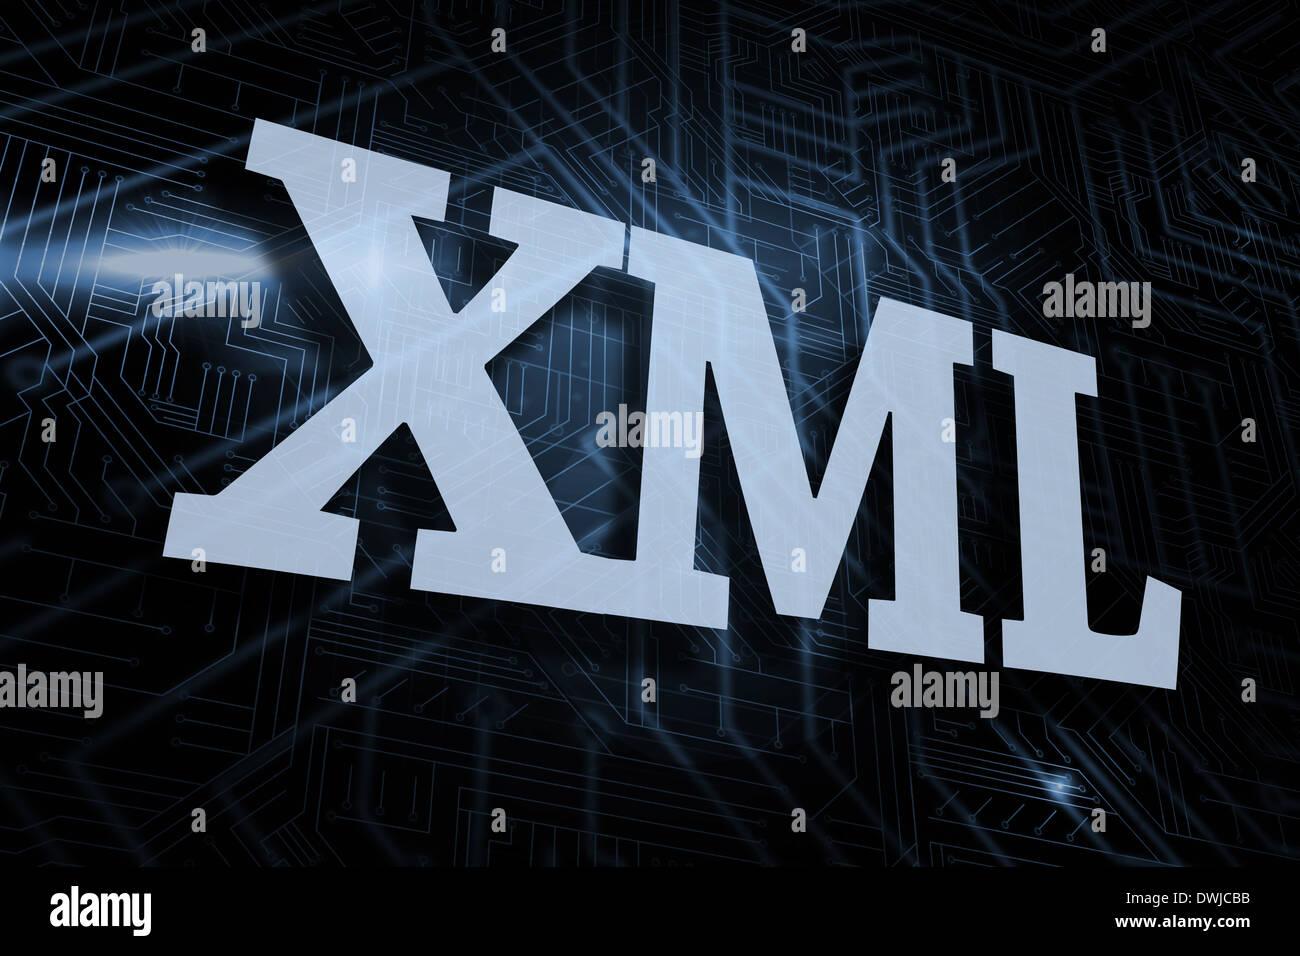 xml stock photos xml stock images alamy